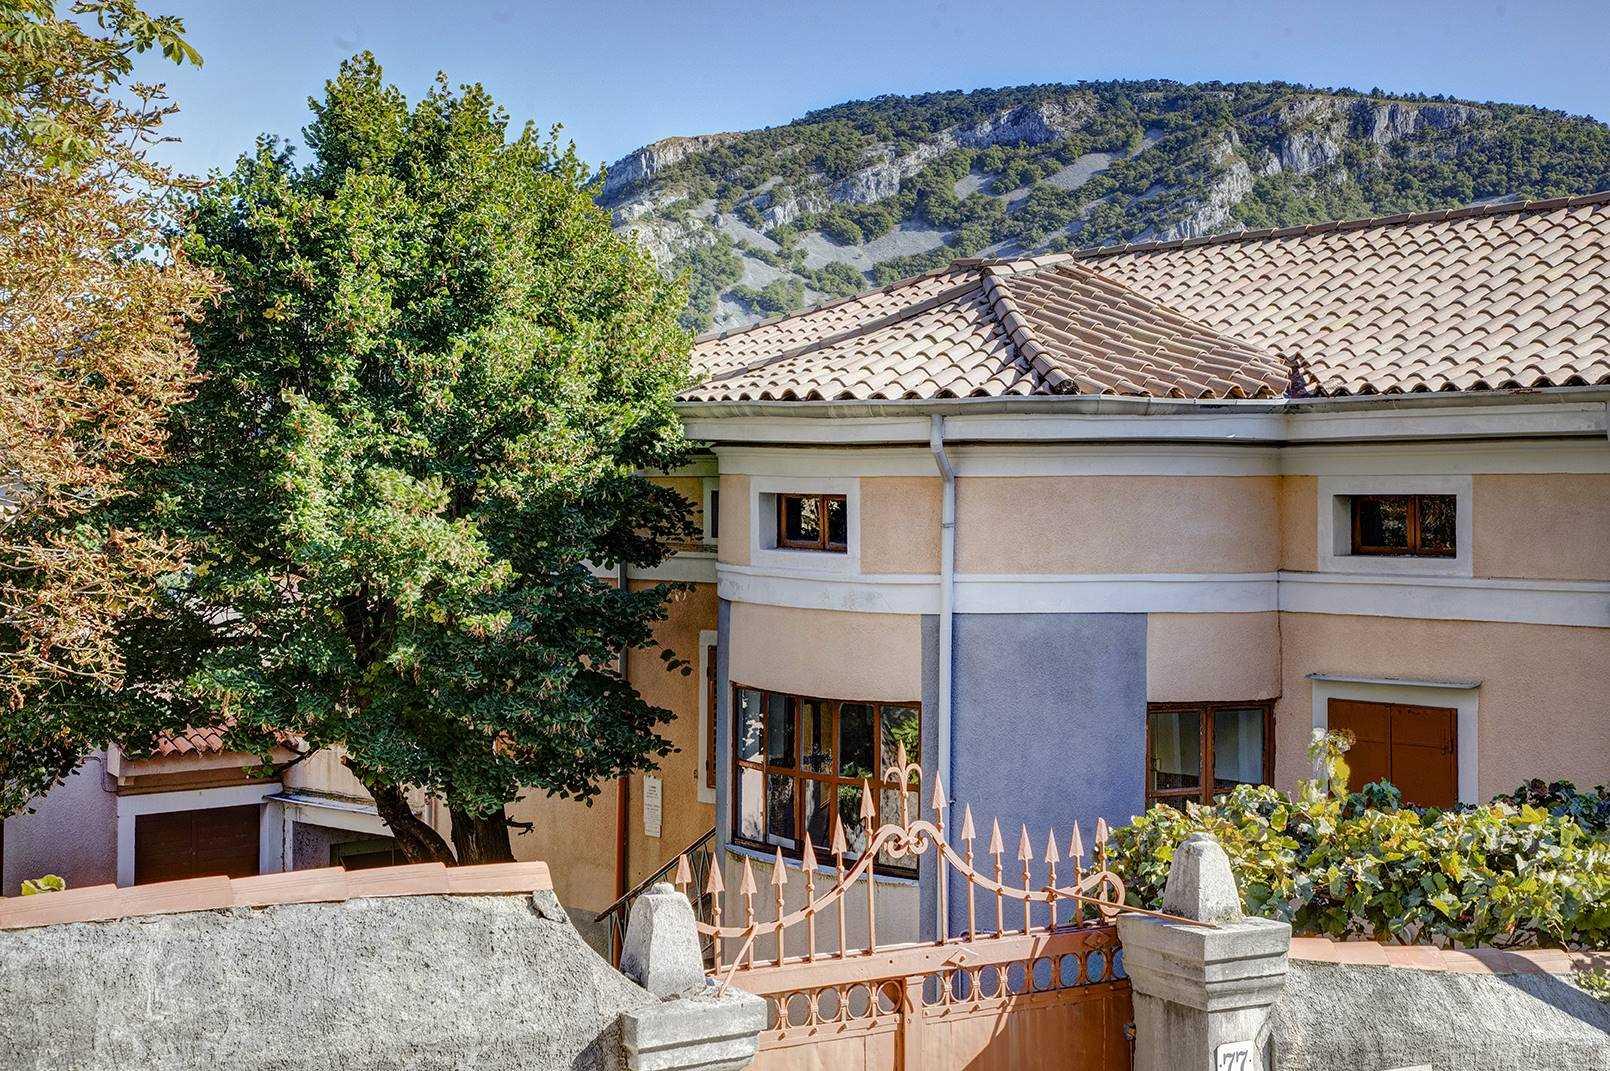 Soluzione Indipendente in vendita a San Dorligo della Valle, 9 locali, zona Località: SANTANTONIO IN BOSCO, prezzo € 449.000 | CambioCasa.it